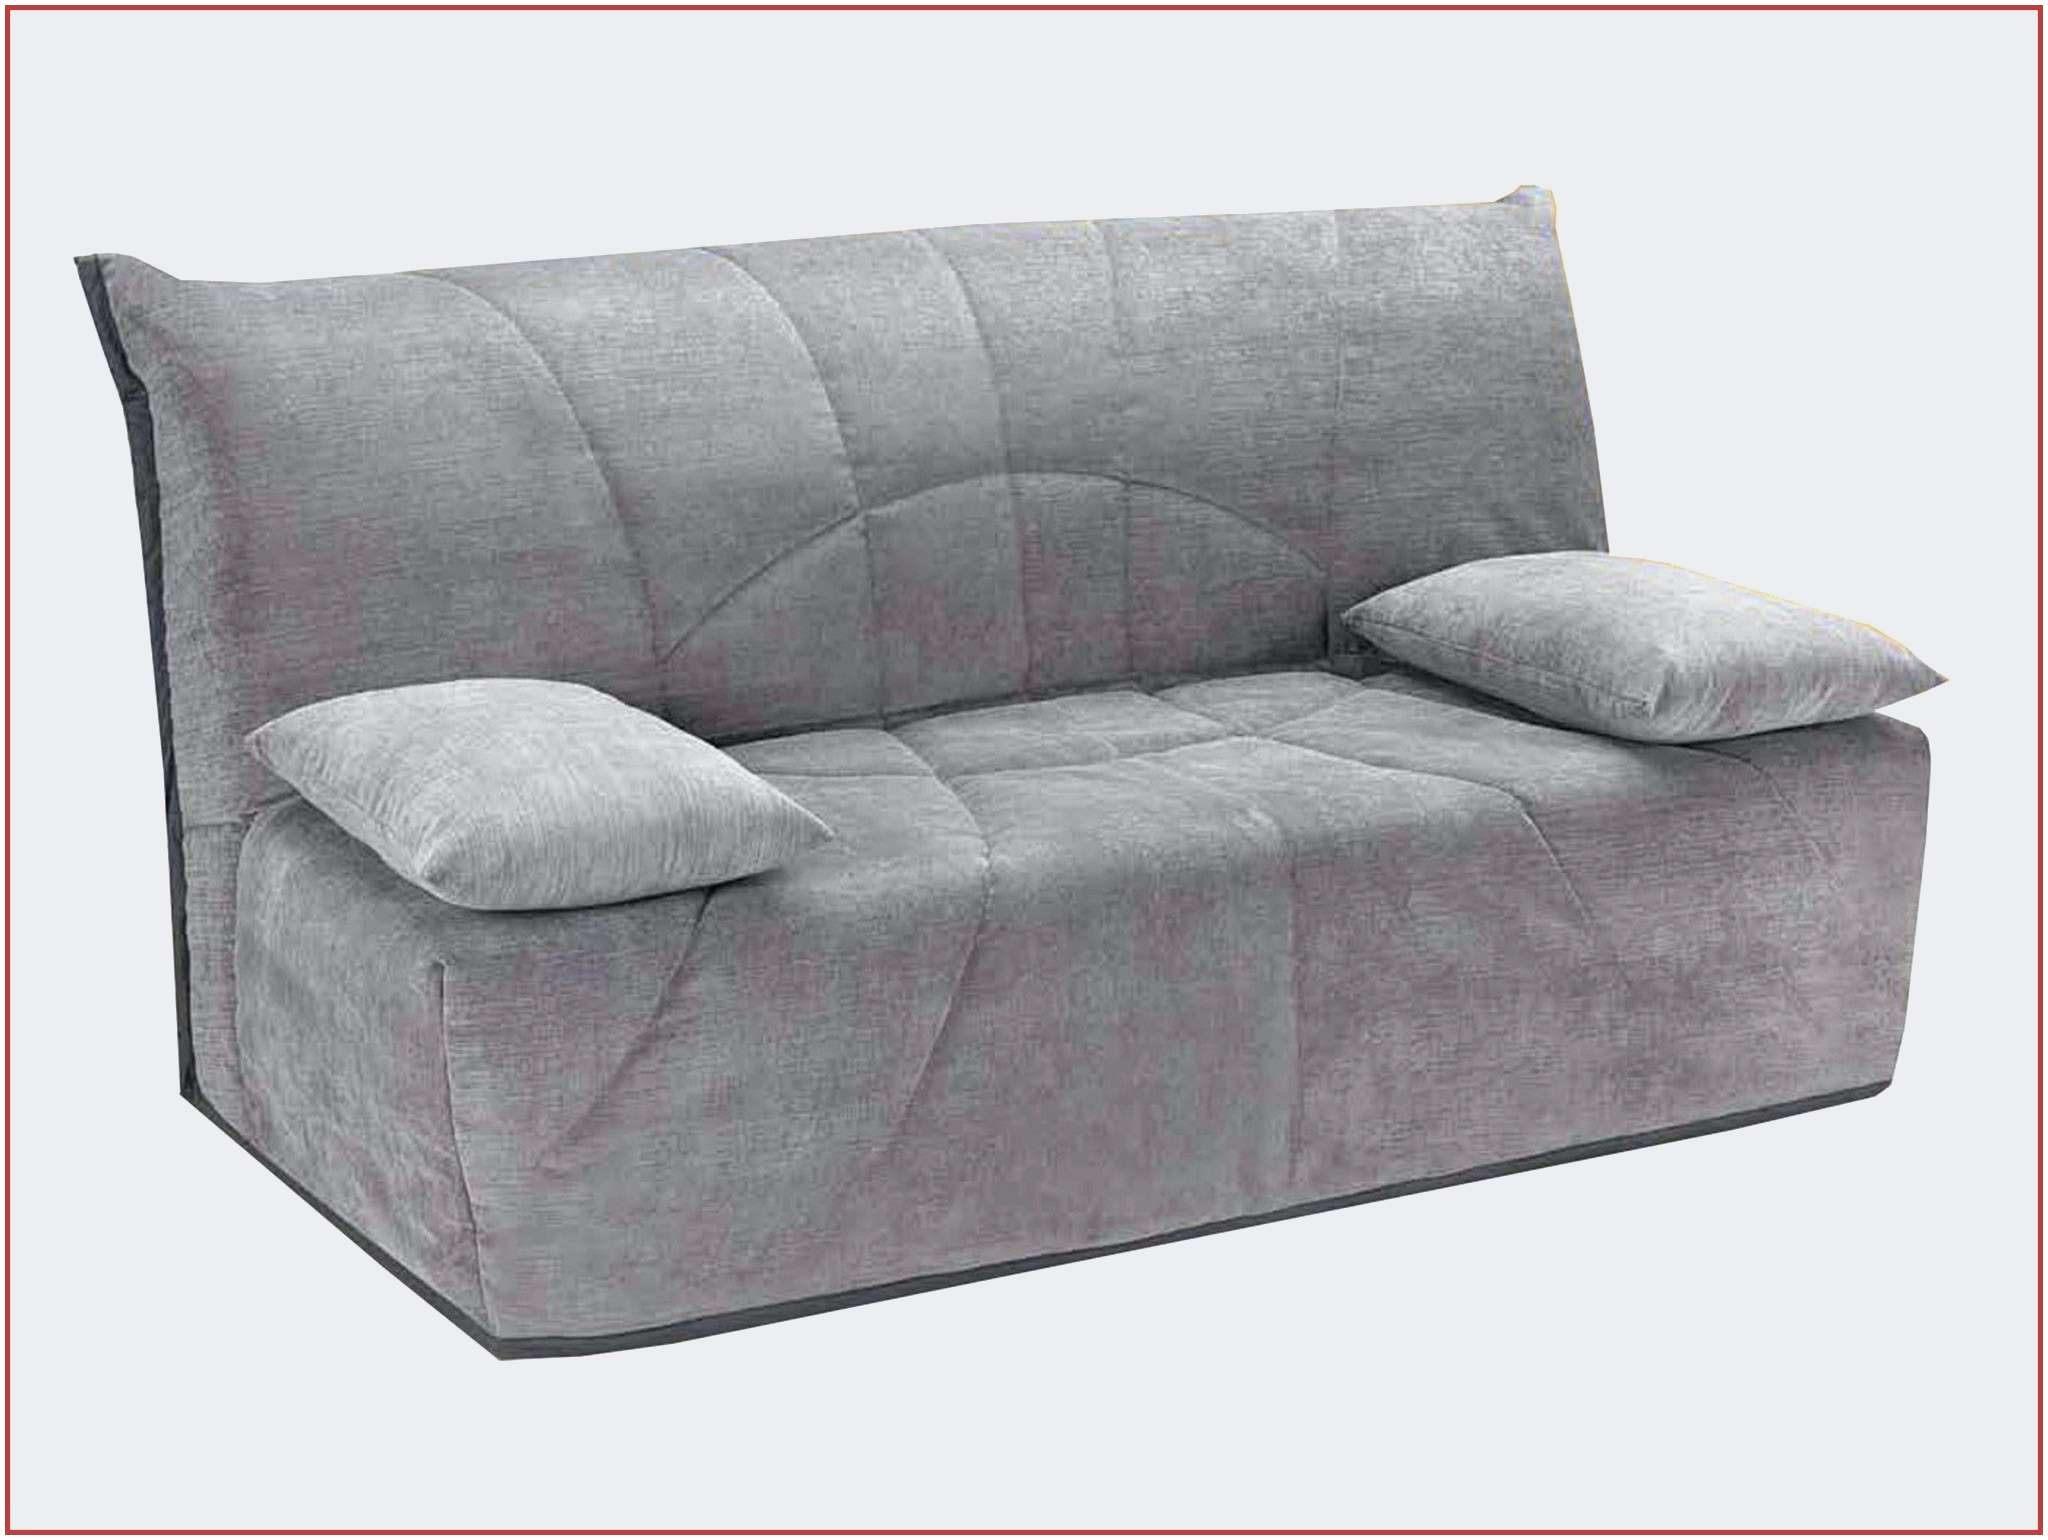 Lit Bébé Design Douce Impressionnant Le Plus attrayant Canapé Futon En Ce Qui Concerne La